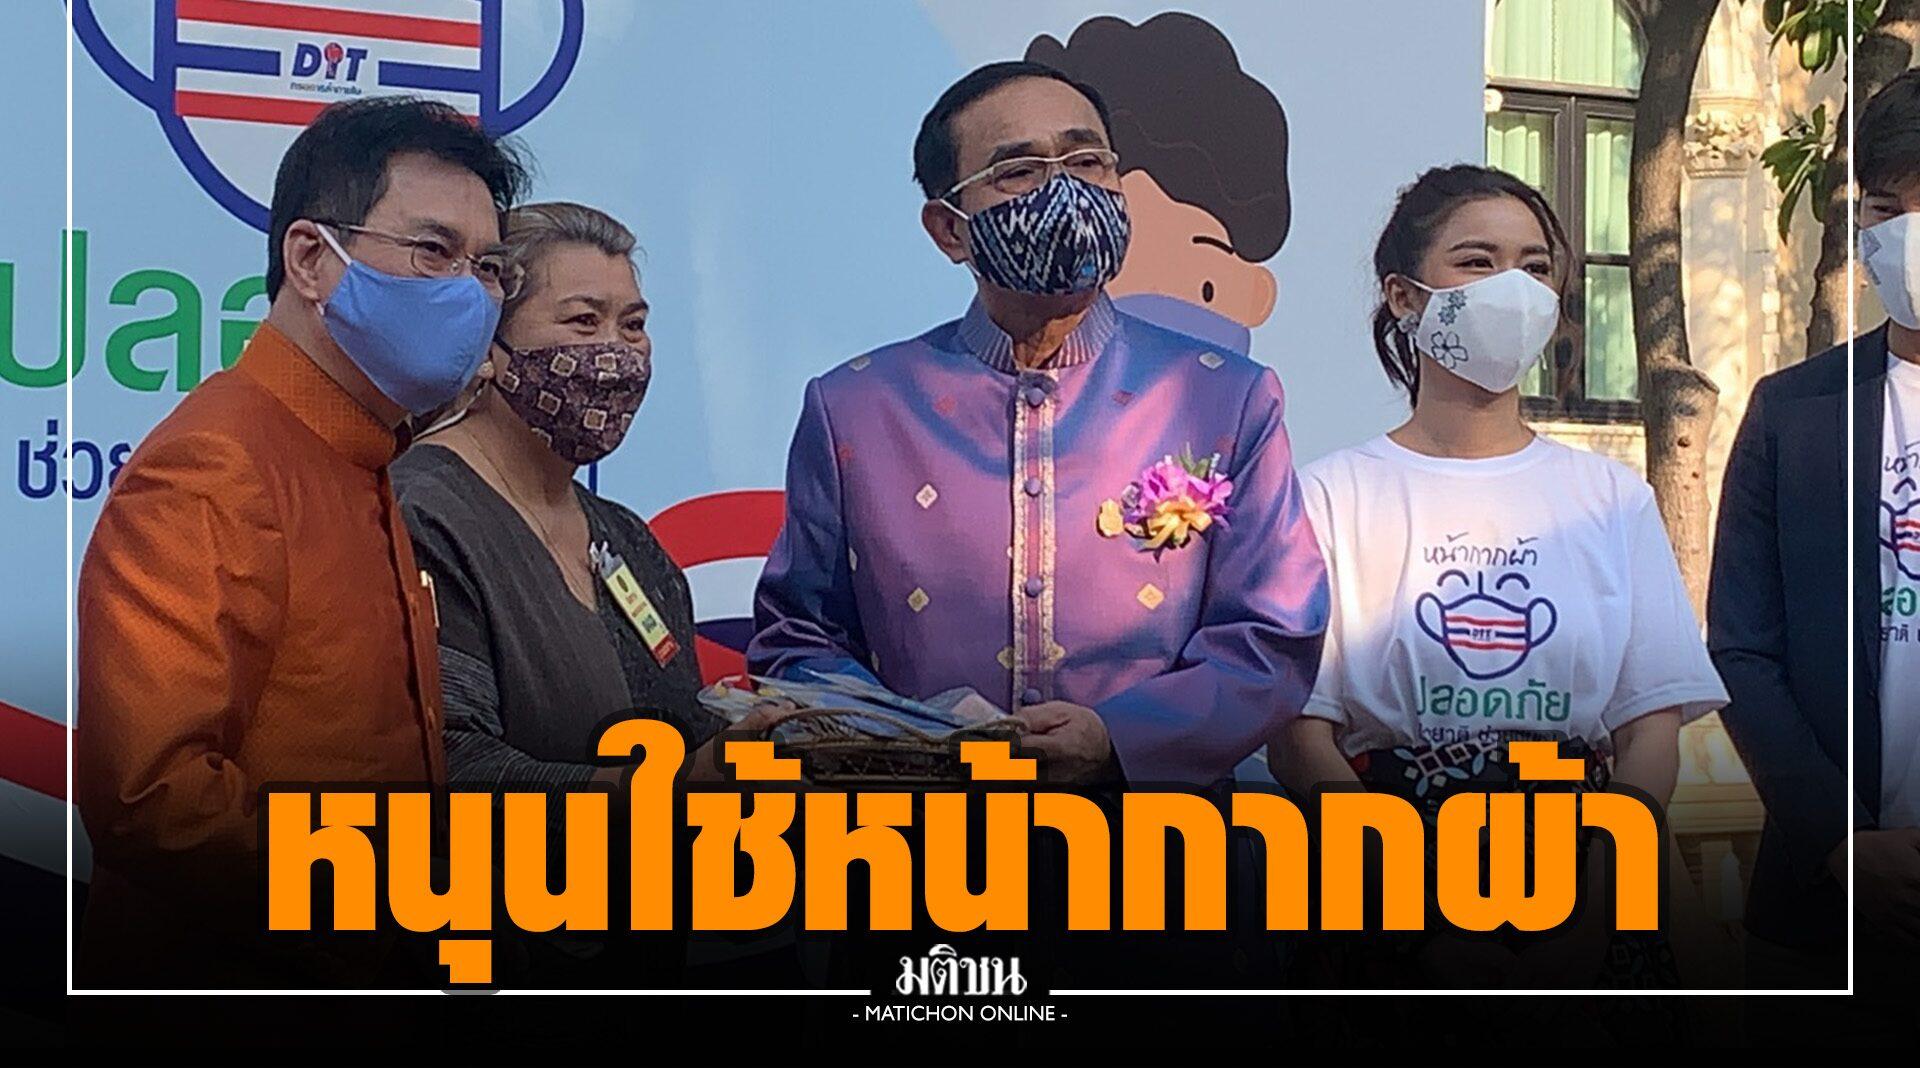 บิ๊กตู่ ควง จุรินทร์ ชวนคนไทยใช้ 'หน้ากากผ้า' จากผลิตภัณฑ์ชุมชน หวังลดขยะ